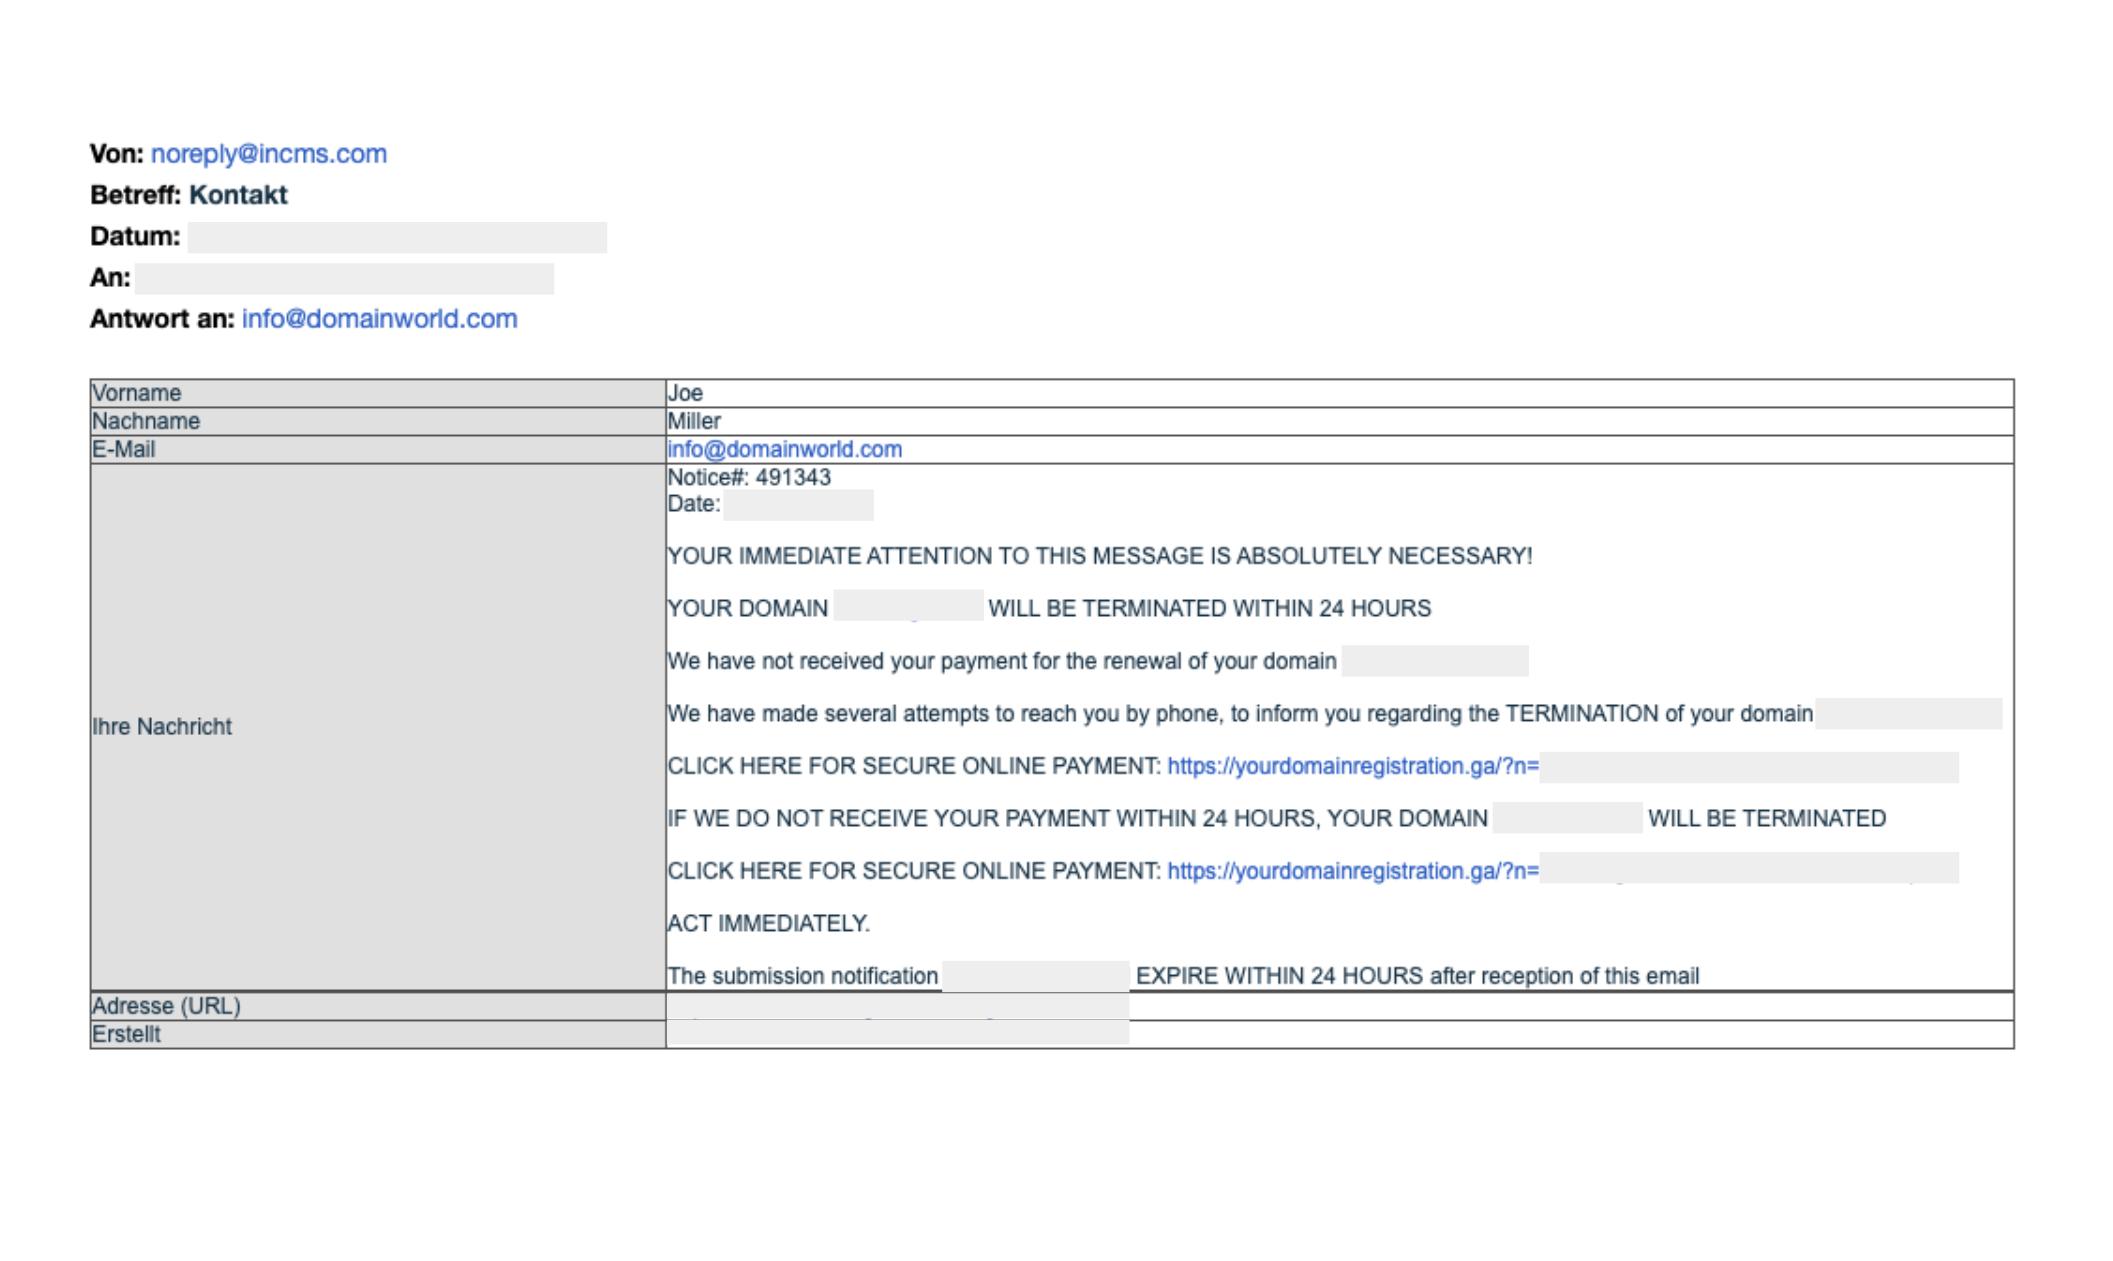 Screenshot-2021-01-14-at-14.43.03.png